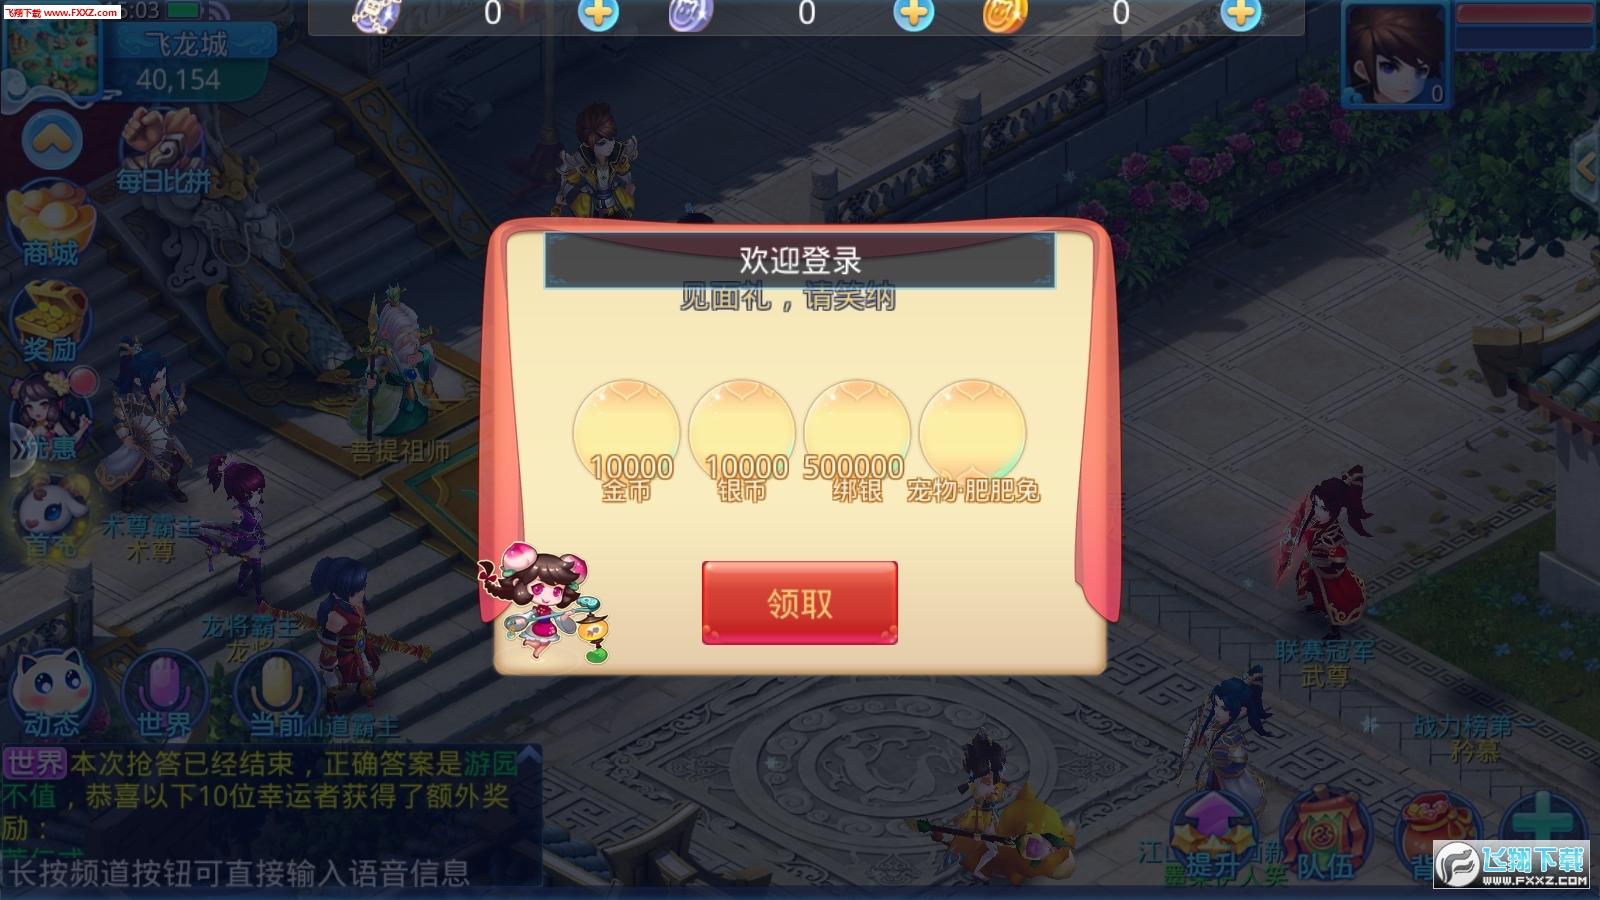 仙语奇缘至尊版游戏v1.0.4.0截图2